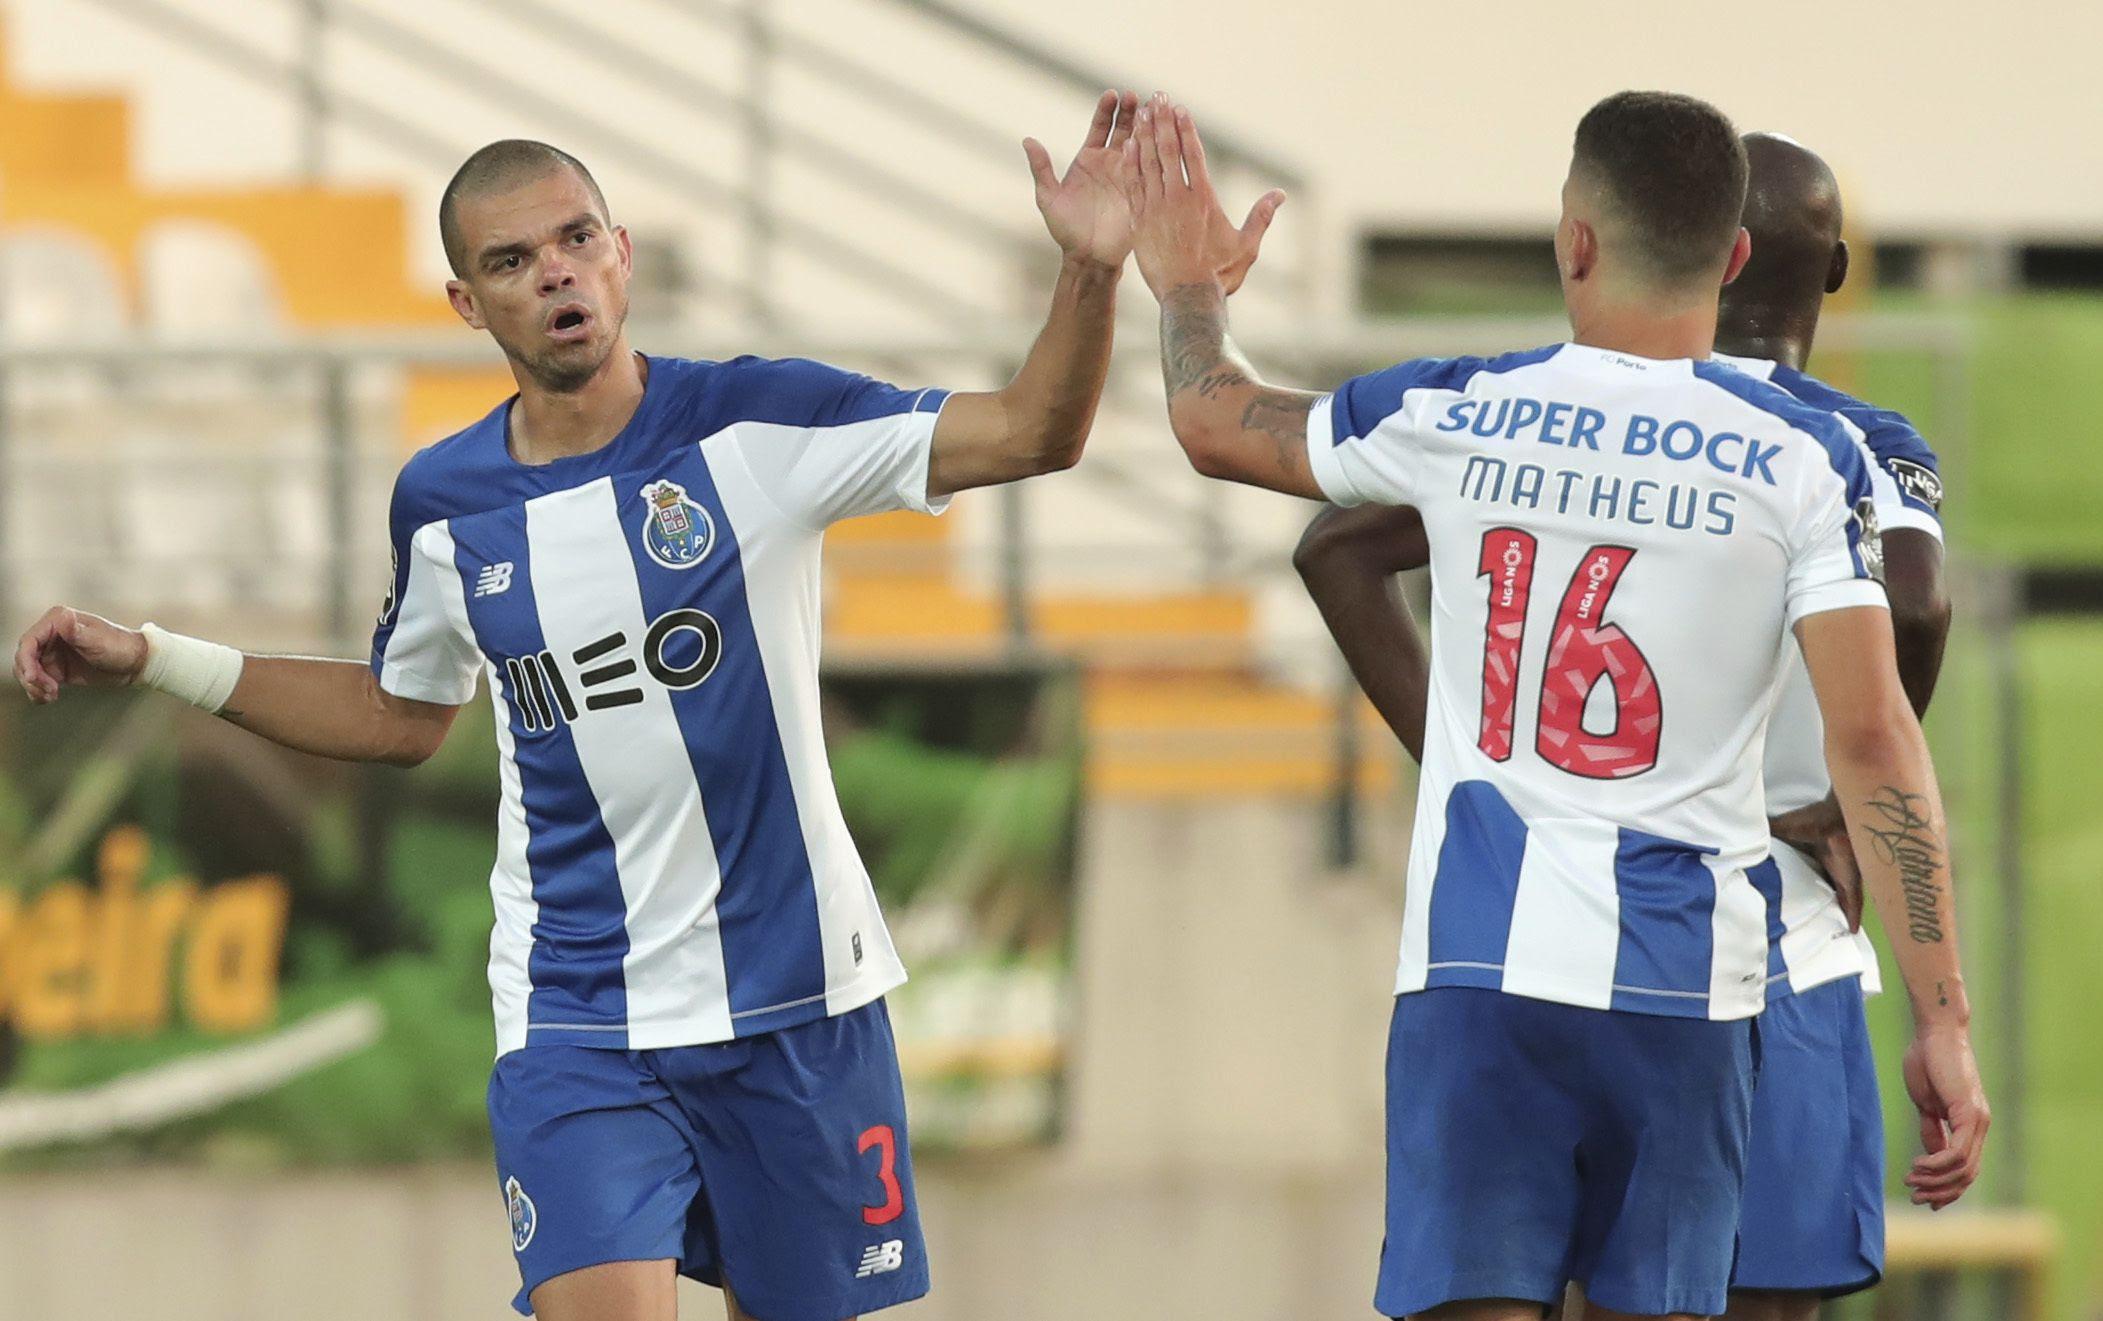 Fc Porto Vs Sporting Cp Free Live Stream 7 15 20 Watch O Classico In Primeira Liga Online Time Tv Channel Nj Com